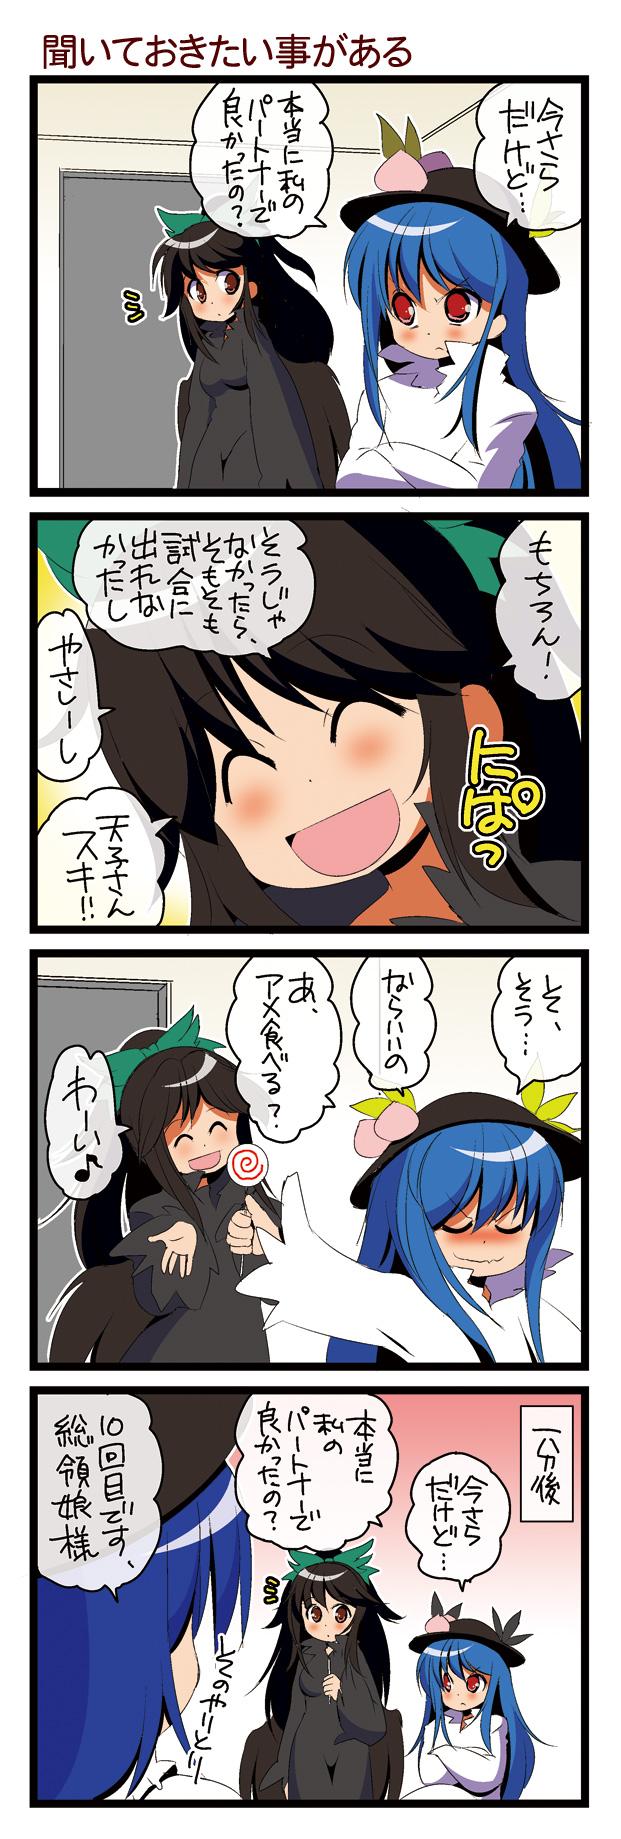 hinanawi tenshi, nagae iku, and reiuji utsuho (touhou) drawn by dei shirou